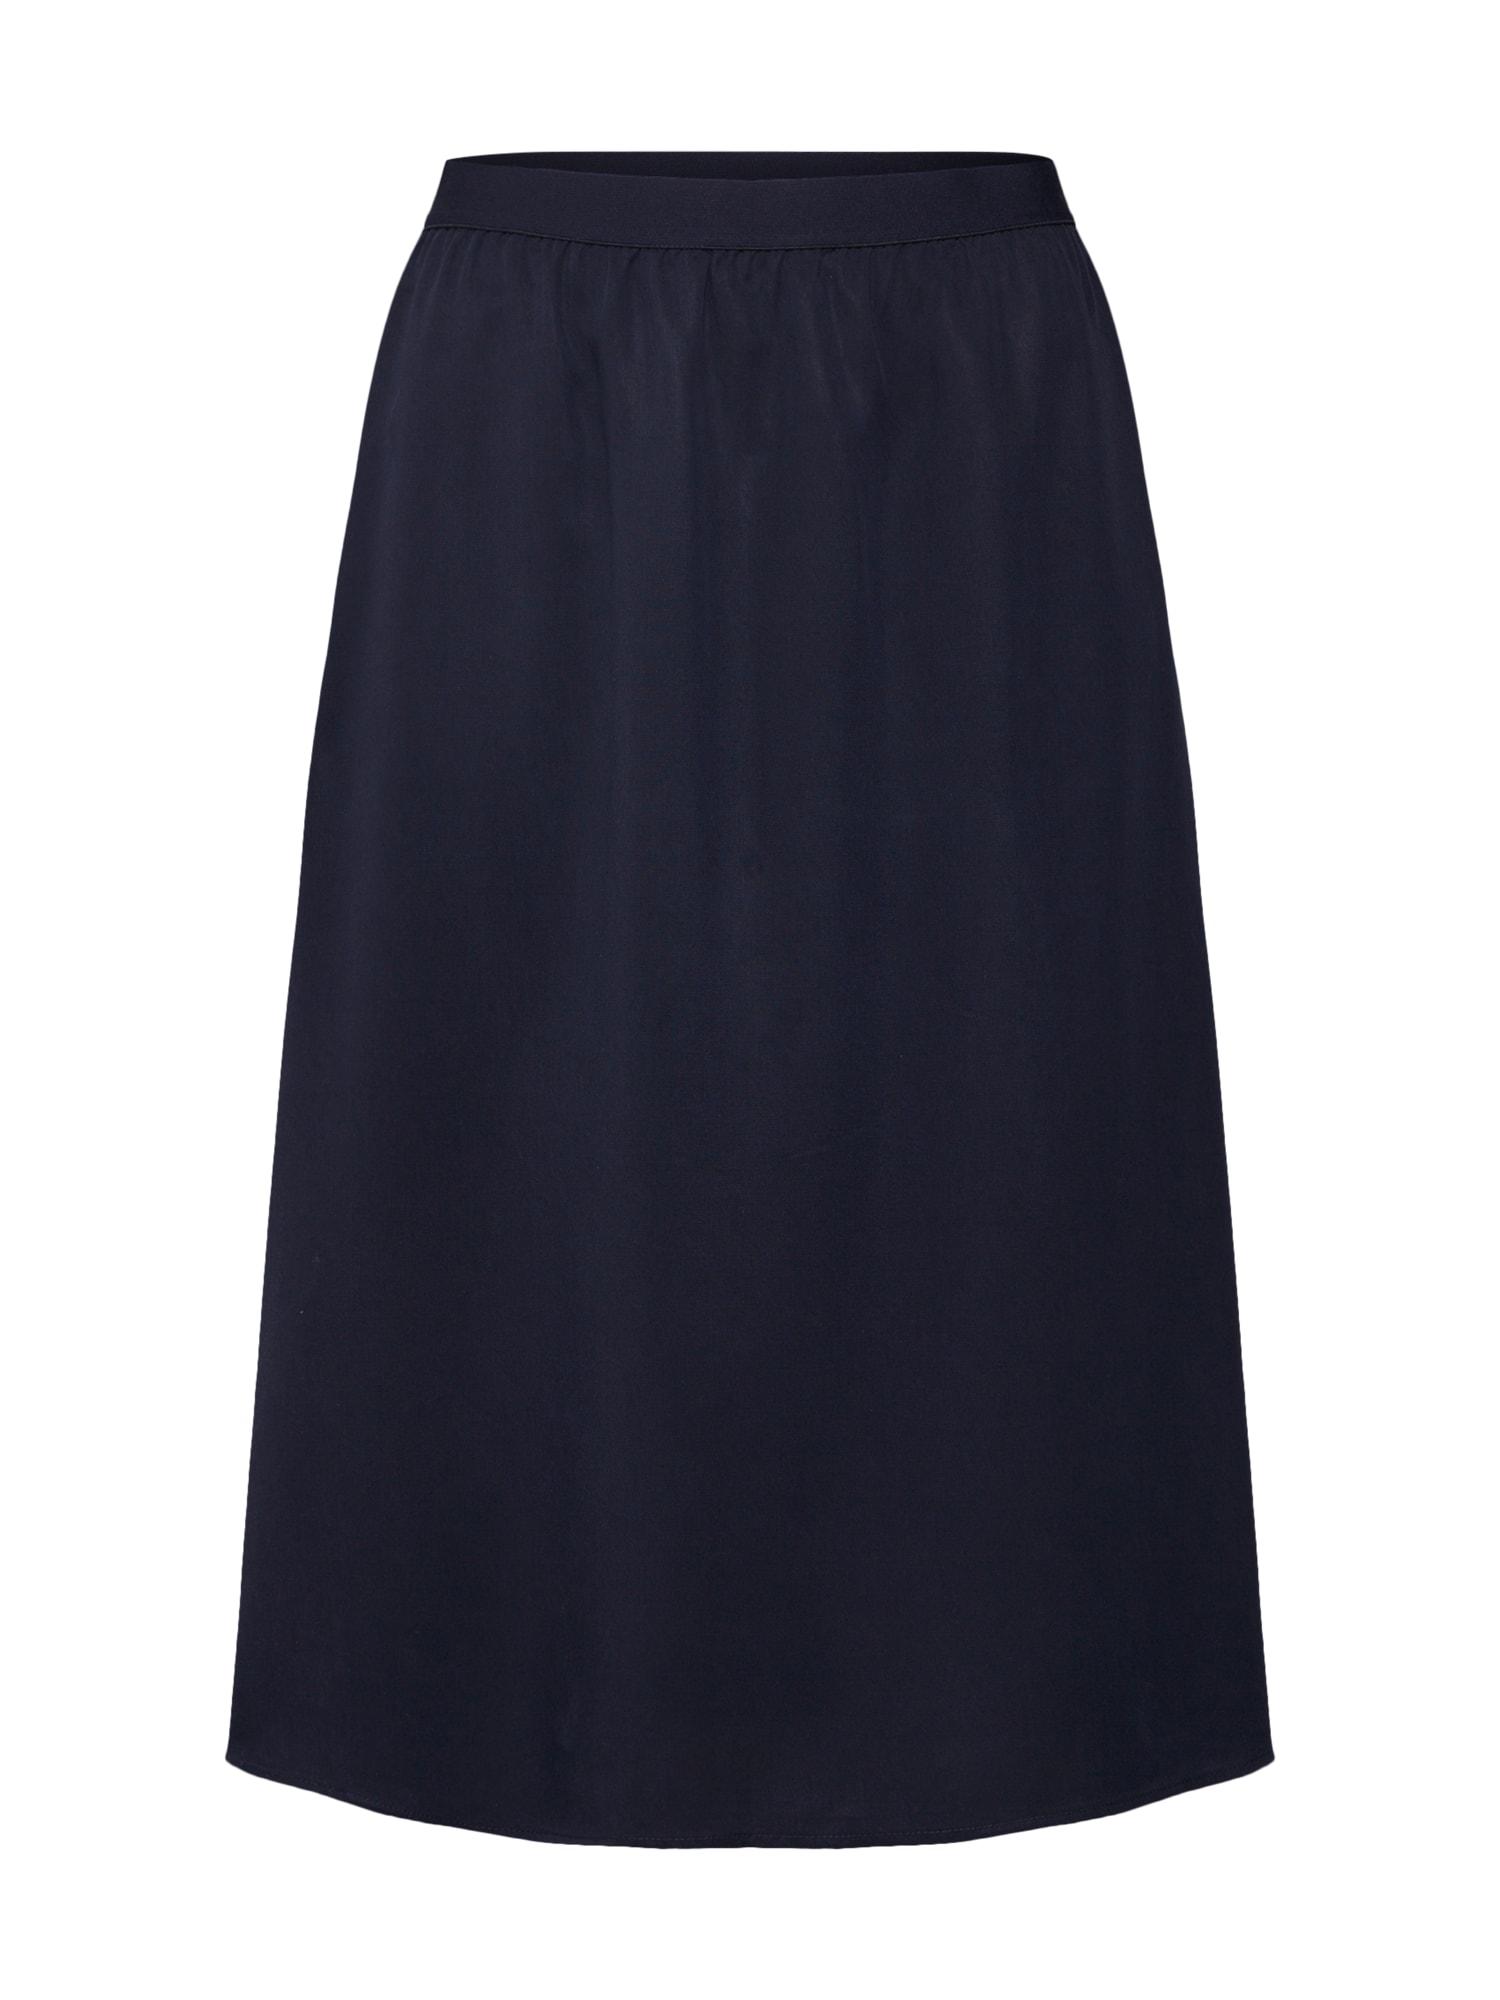 Sukně A-Line Skirt námořnická modř Re.draft